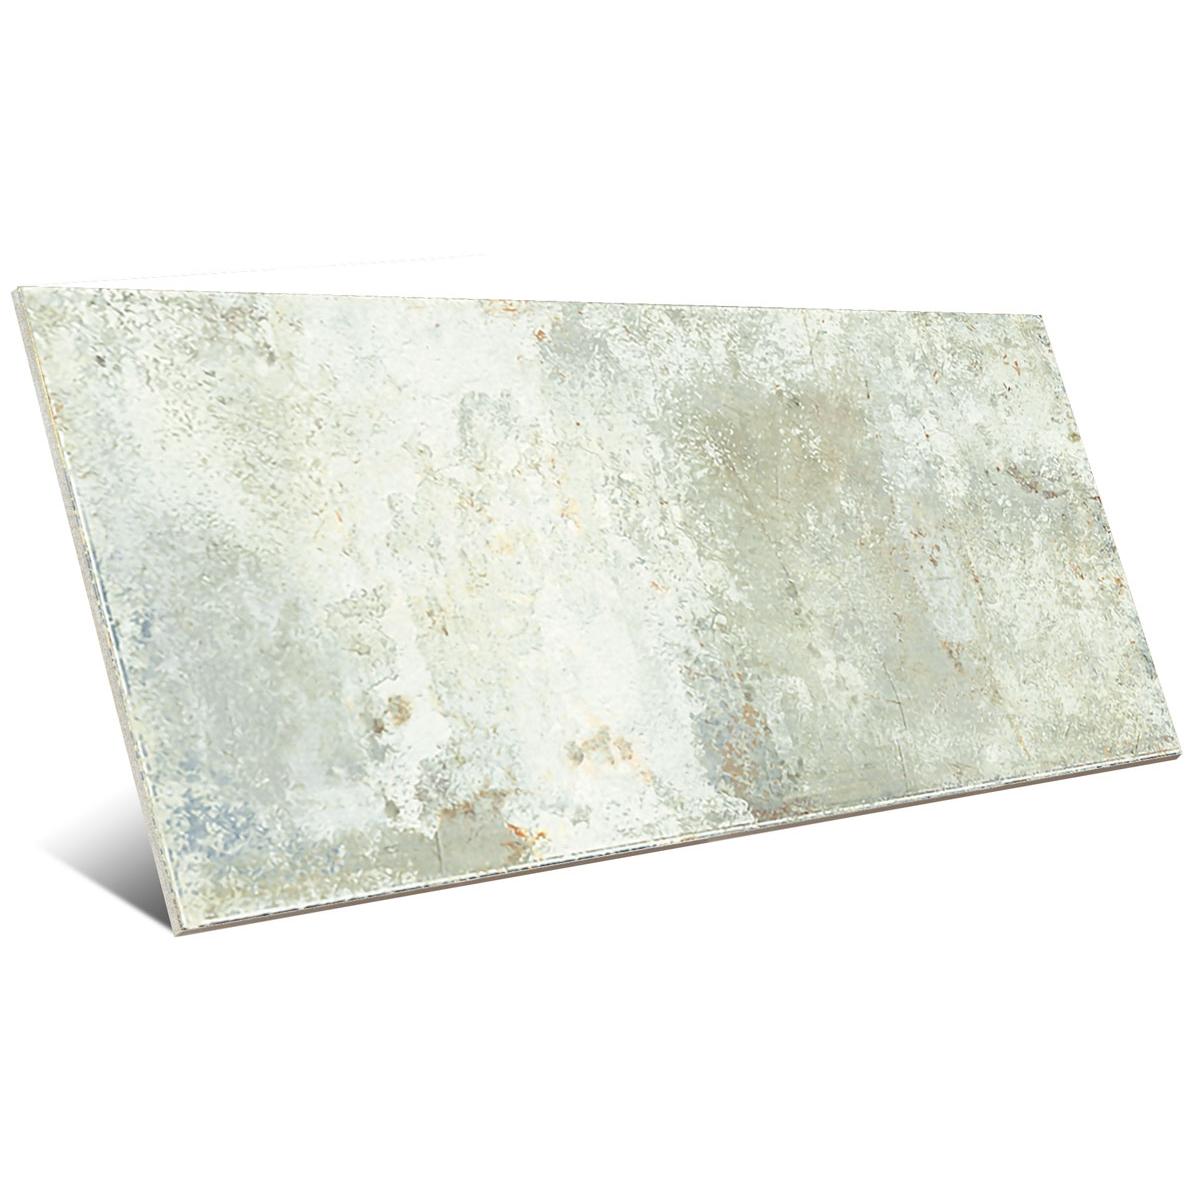 Biarritz Verde 7.5x15 (caja de 0.5 m2)